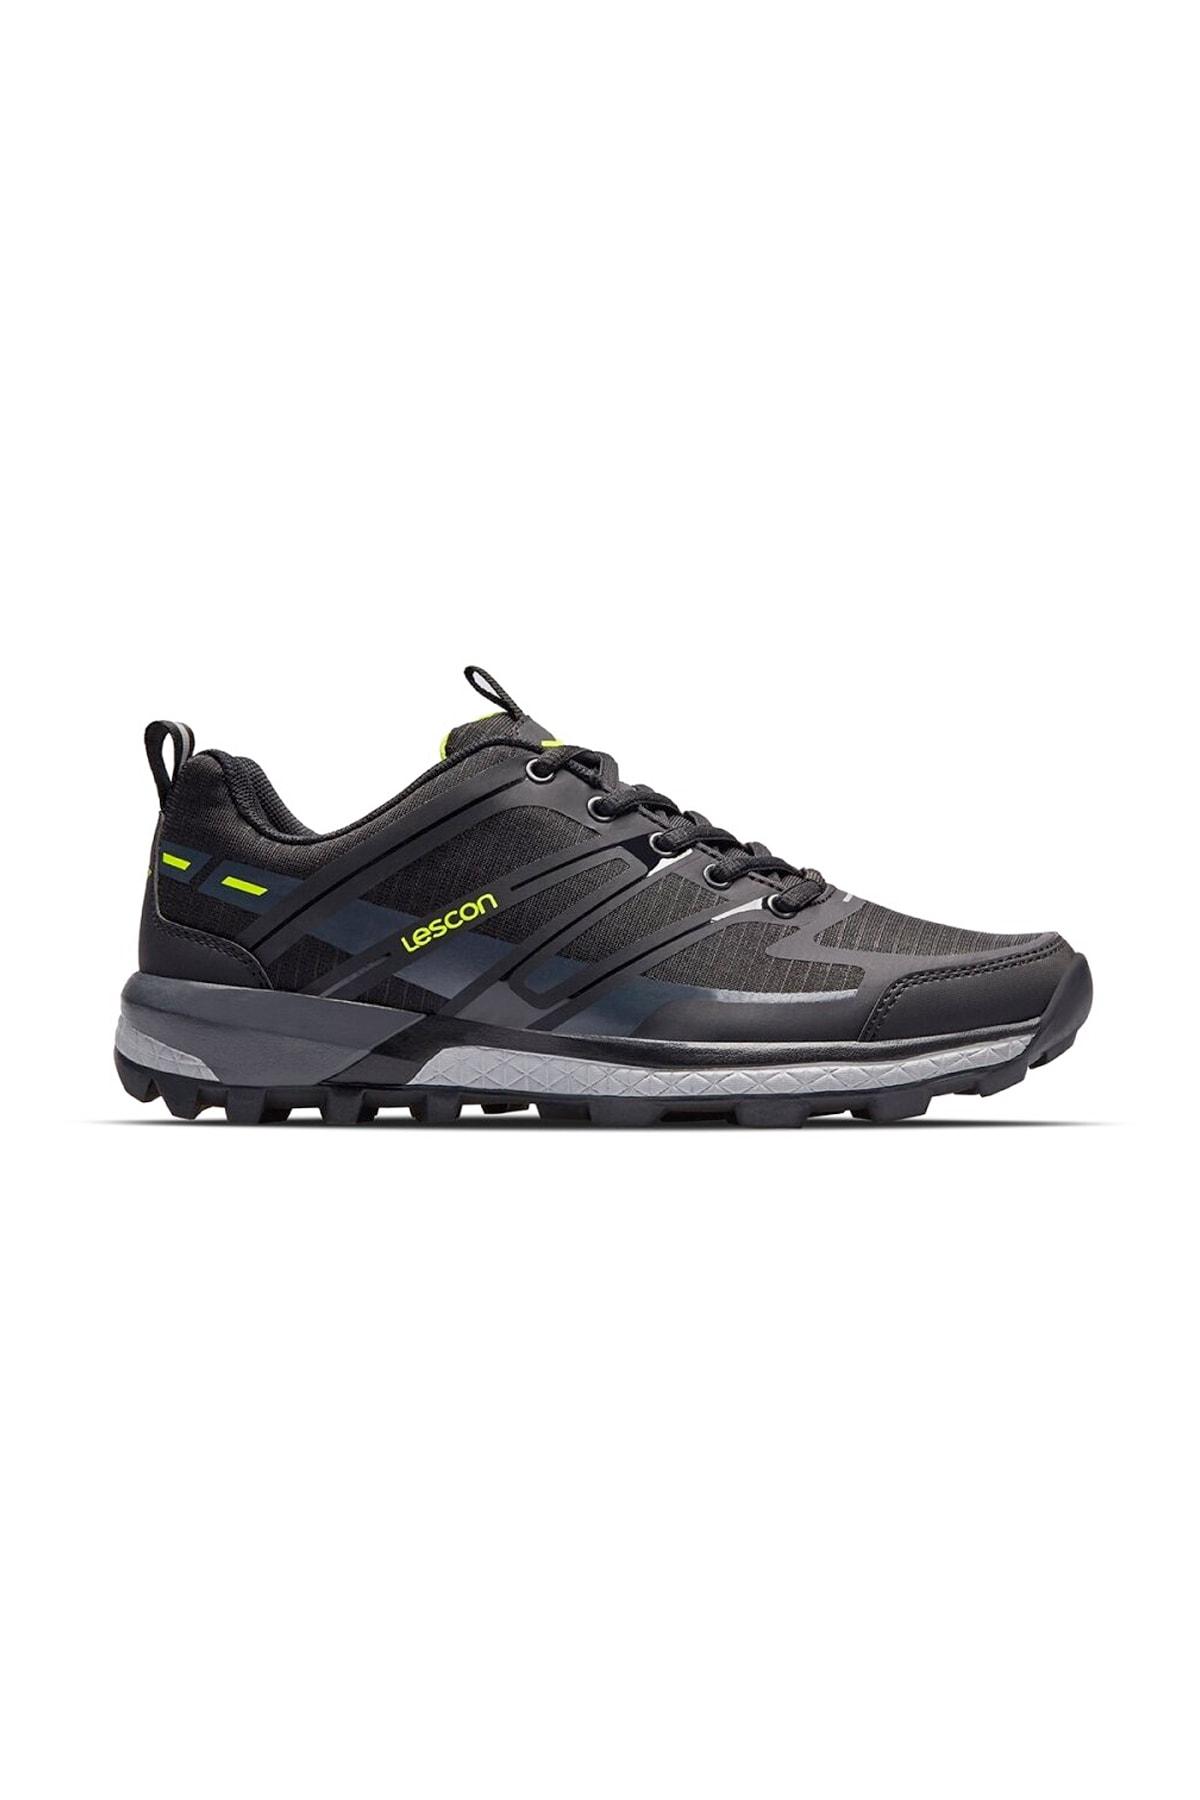 Lescon Ly-traıl Axıs Günlük Unısex Spor Ayakkabı/siyah/44 2